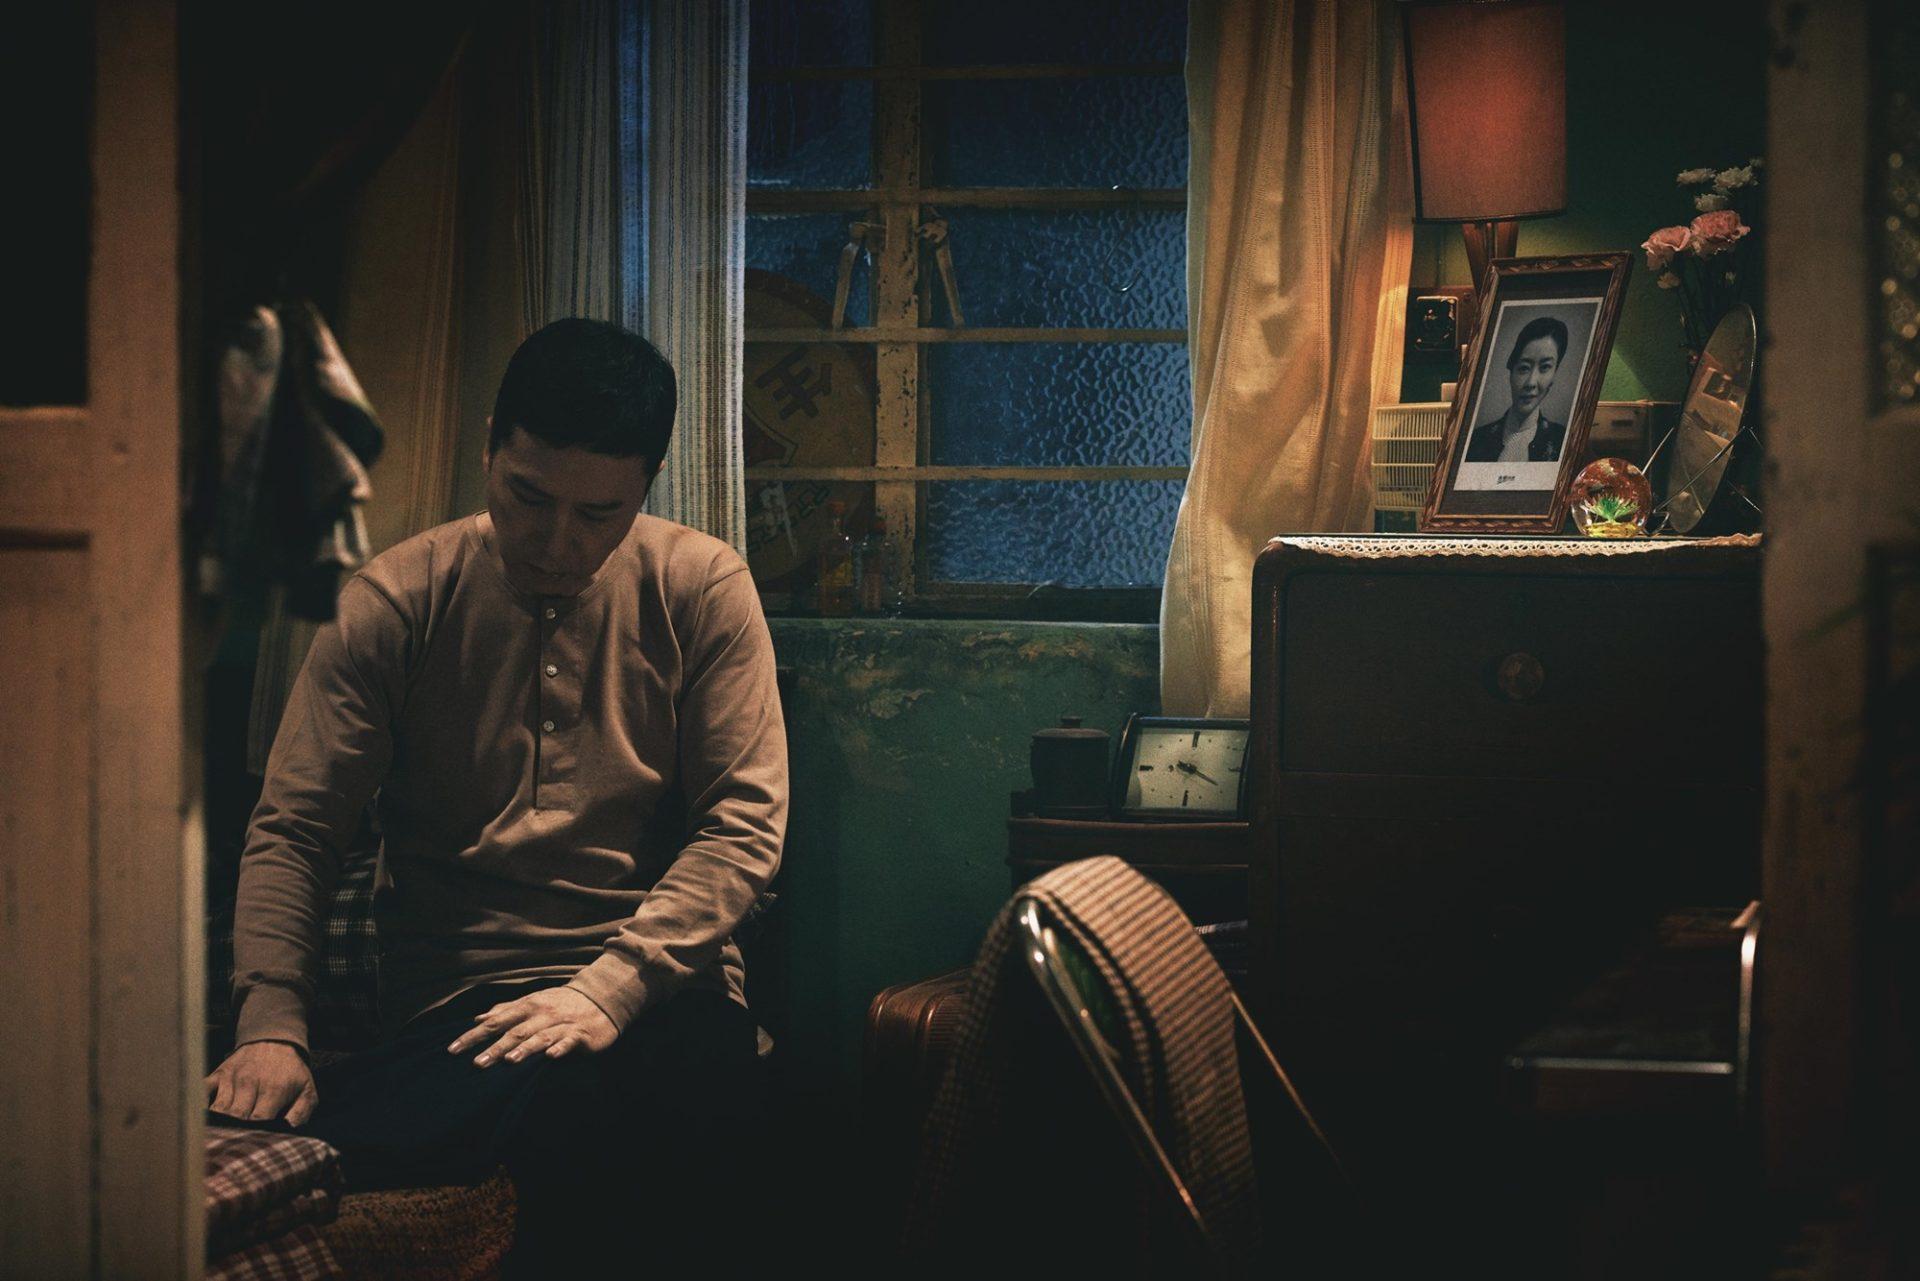 《葉問4:完結篇》甄子丹4度聯手導演葉偉信 文戲武戲全方位演活葉問